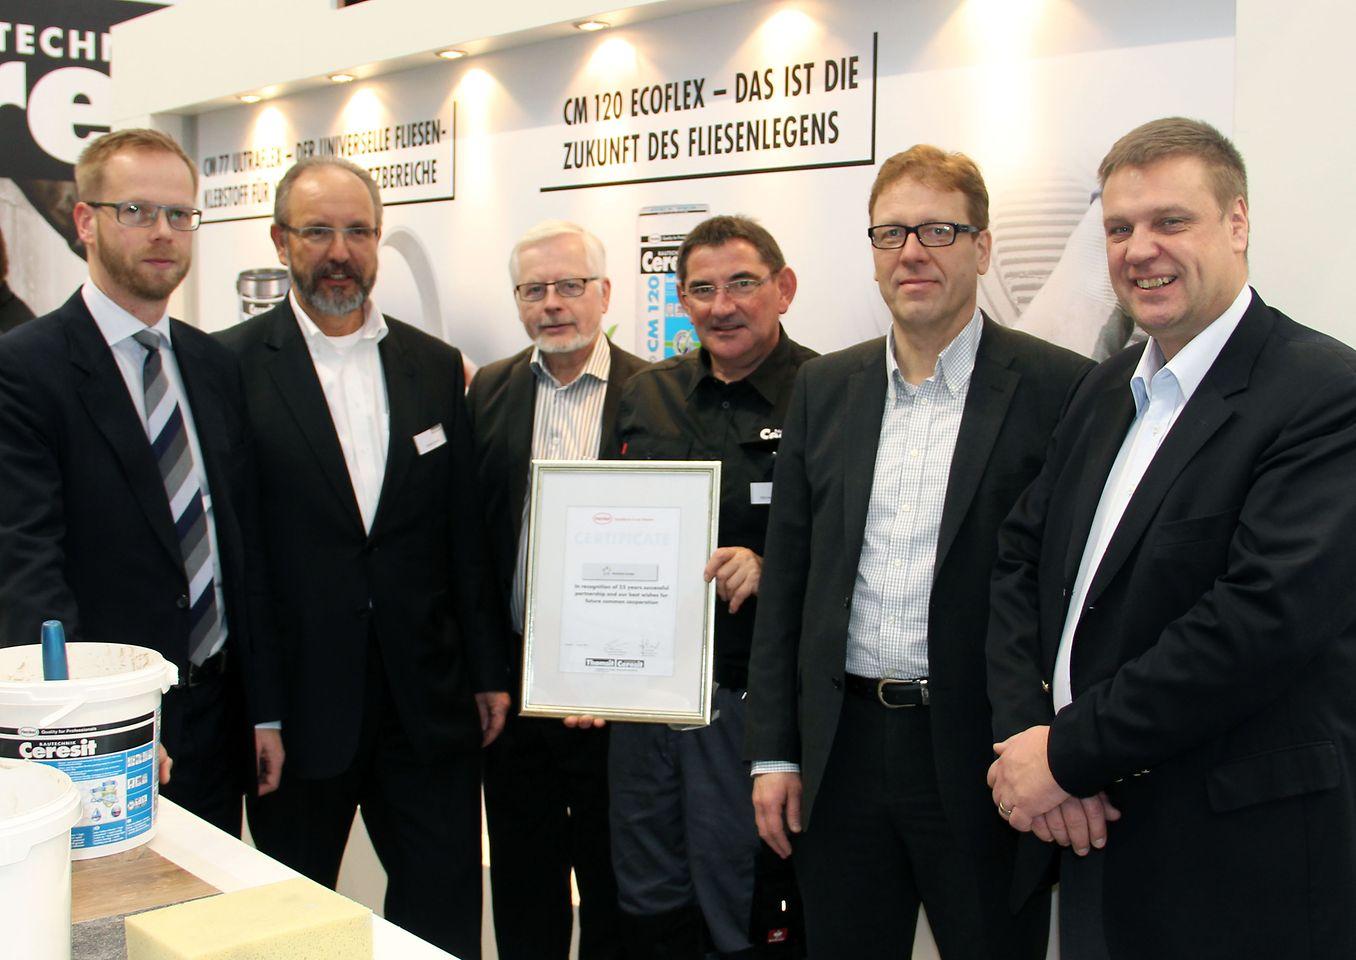 Vertreter der Ceresit Bautechnik und des finnischen Handelspartners Väritukku